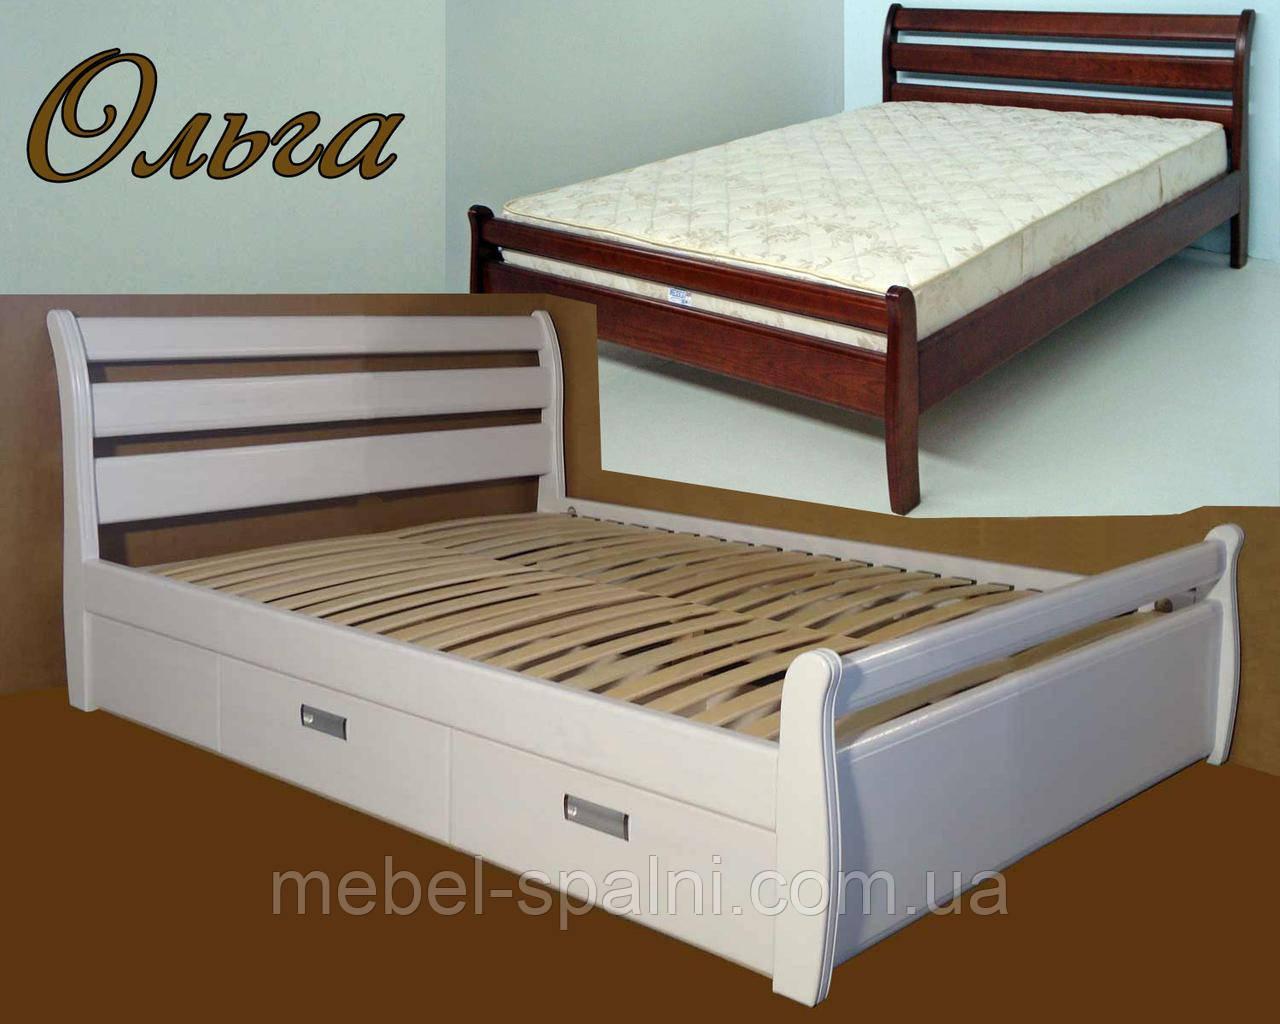 Кровать двуспальная «Ольга»